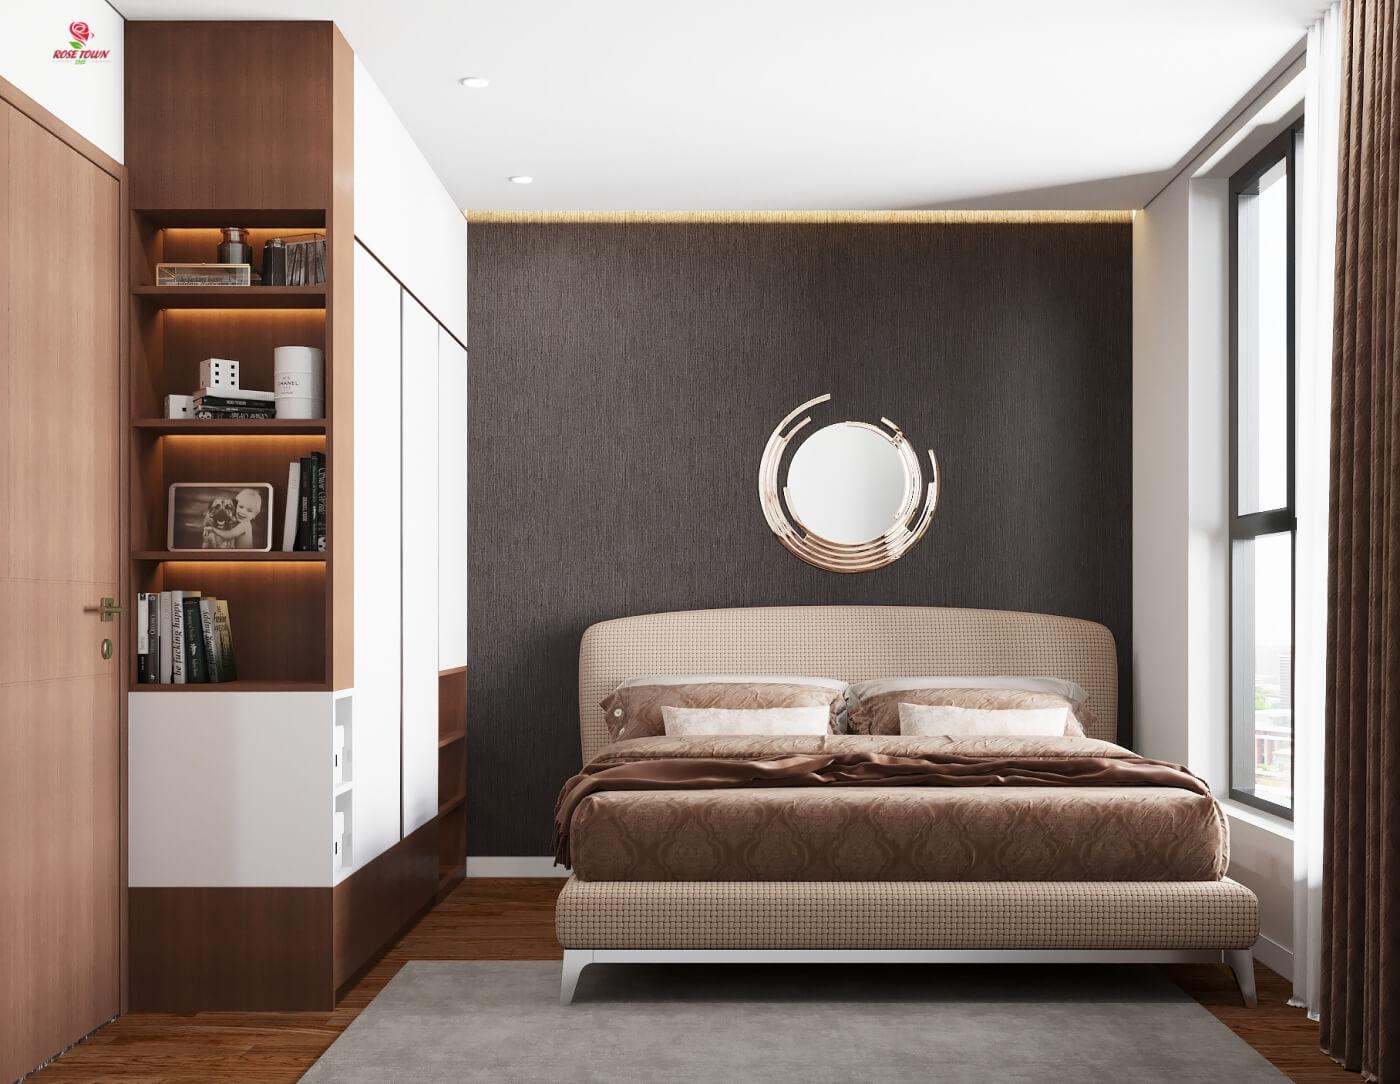 Nội thất phòng ngủ chung cư 79 Ngọc Hồi